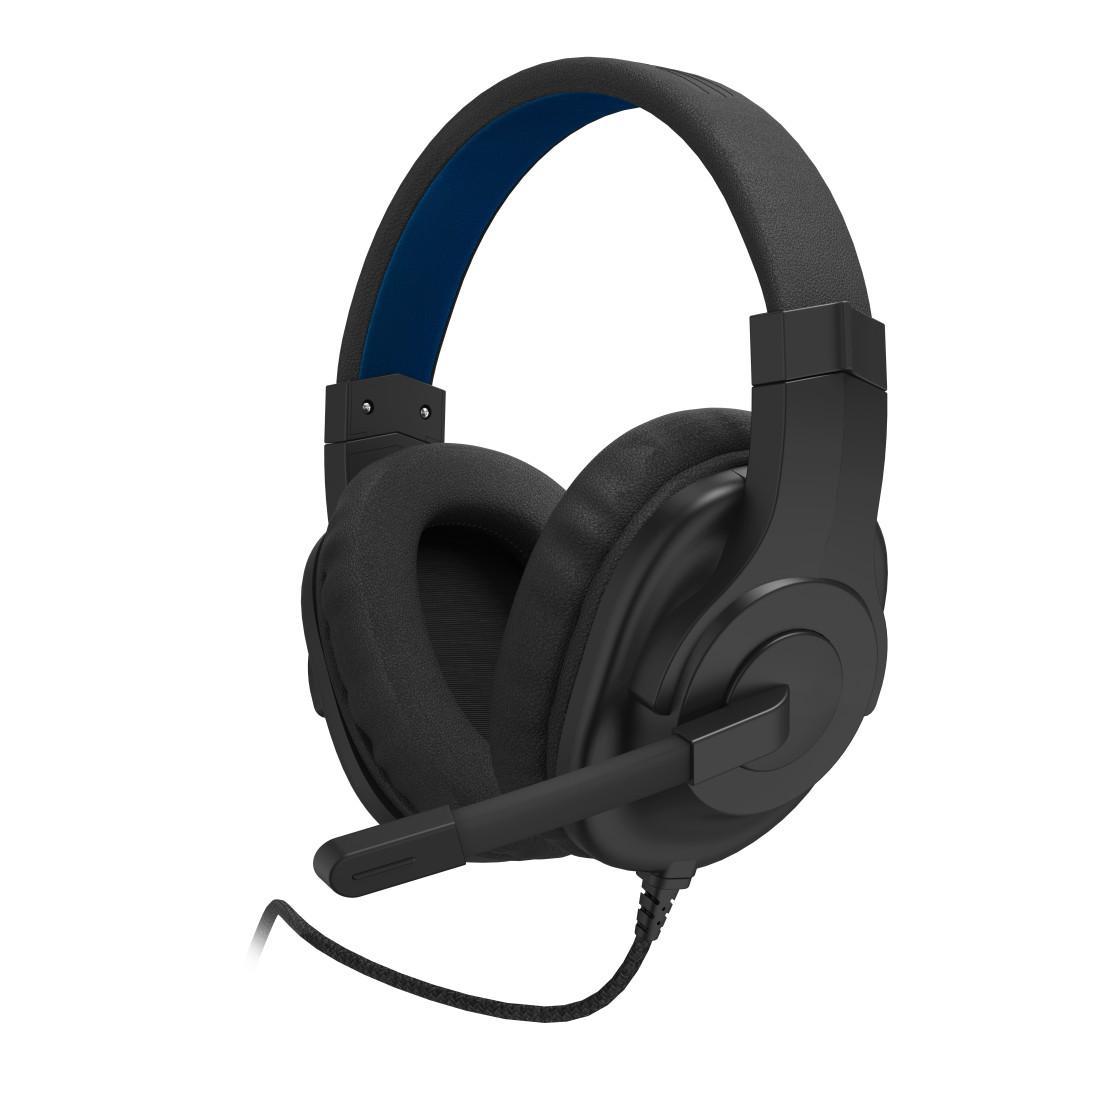 Геймърски слушалки Hama uRage Soundz 320 7.1, Микрофон, USB, Черен-2